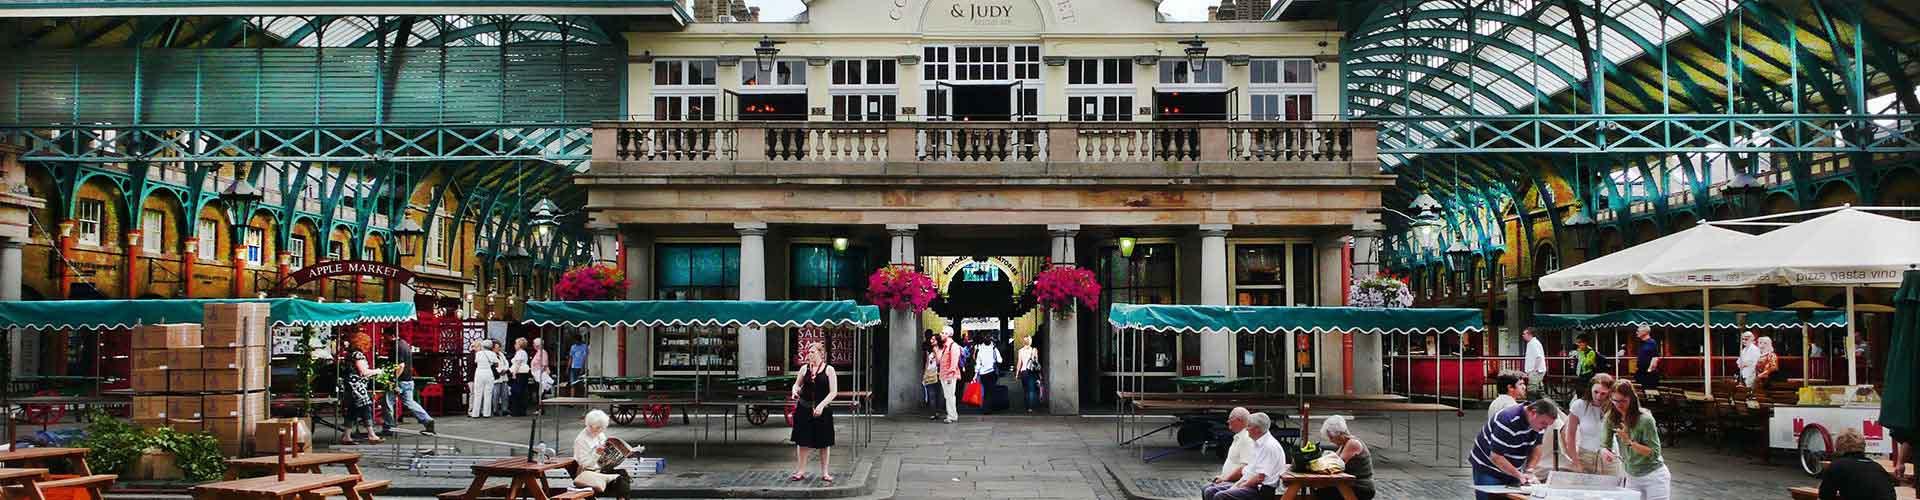 Londres - Albergues cerca a Covent Garden Piazza. Mapas de Londres, Fotos y Comentarios para cada Albergue en Londres.